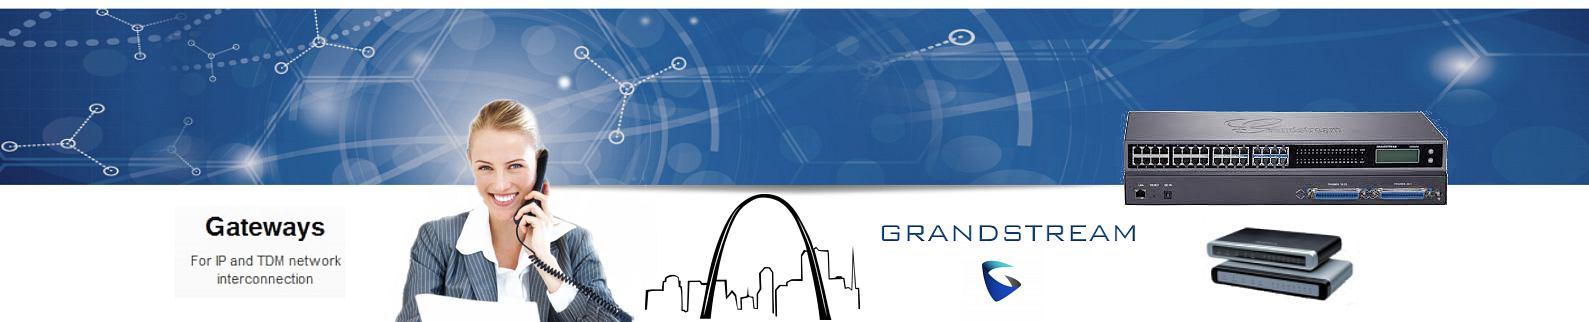 Grandstream VOIP Gateway